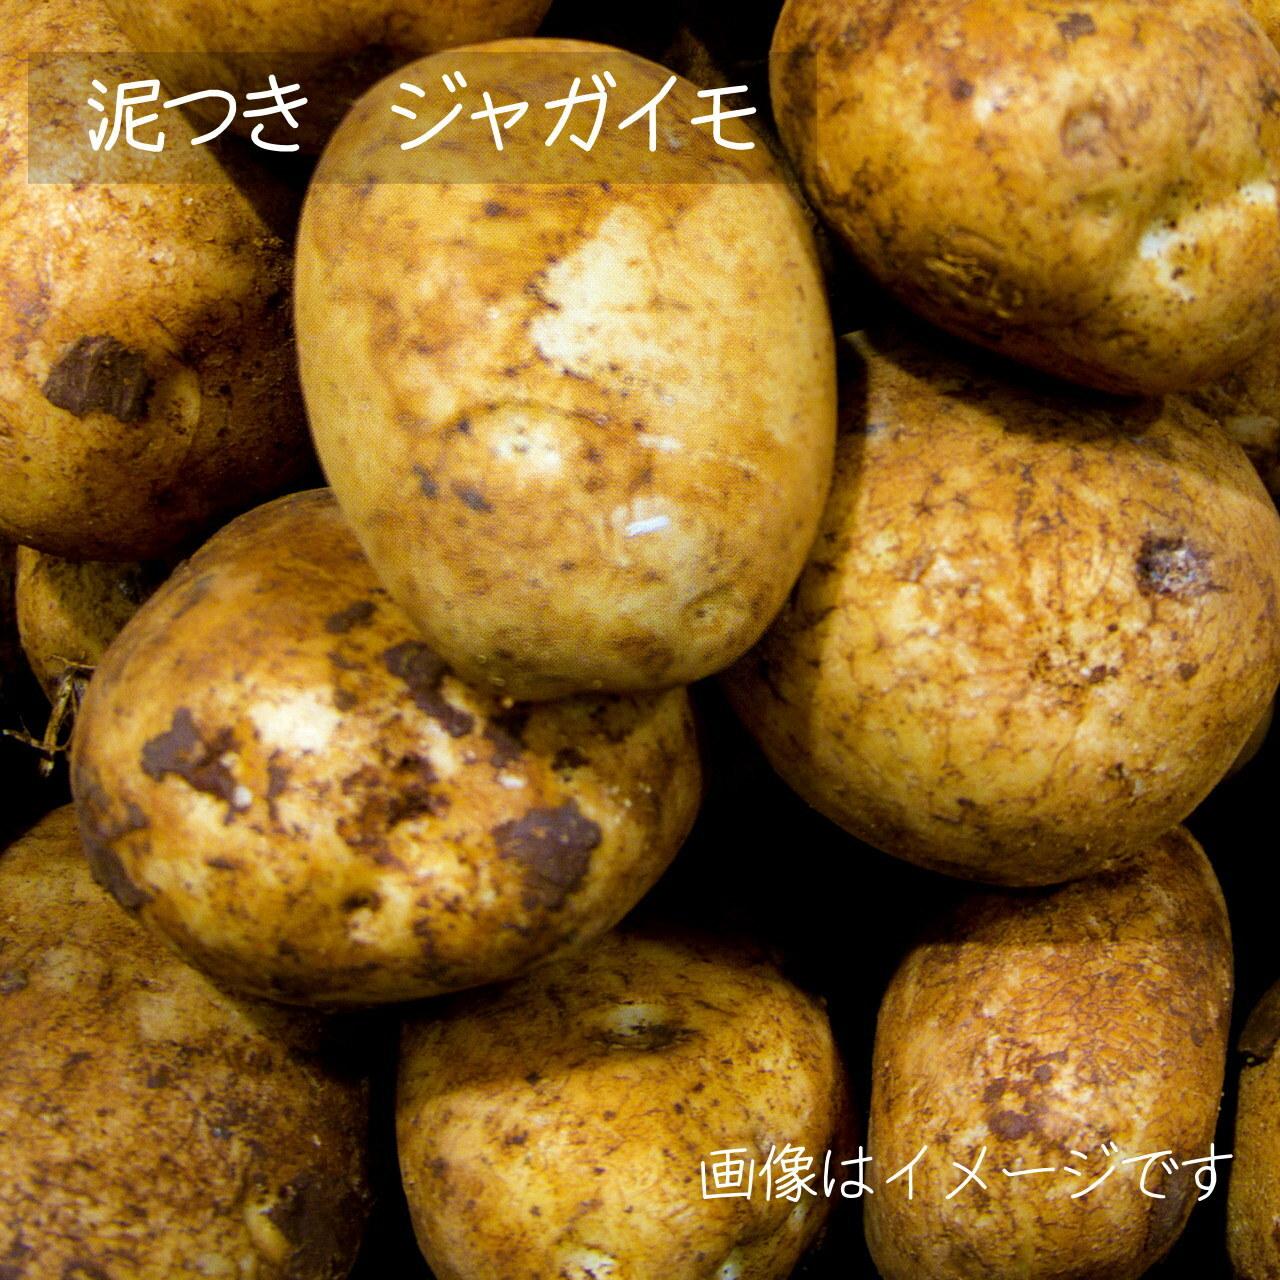 5月の朝採り直売野菜 ジャガイモ 4~5個 春の新鮮野菜 5月2日発送予定